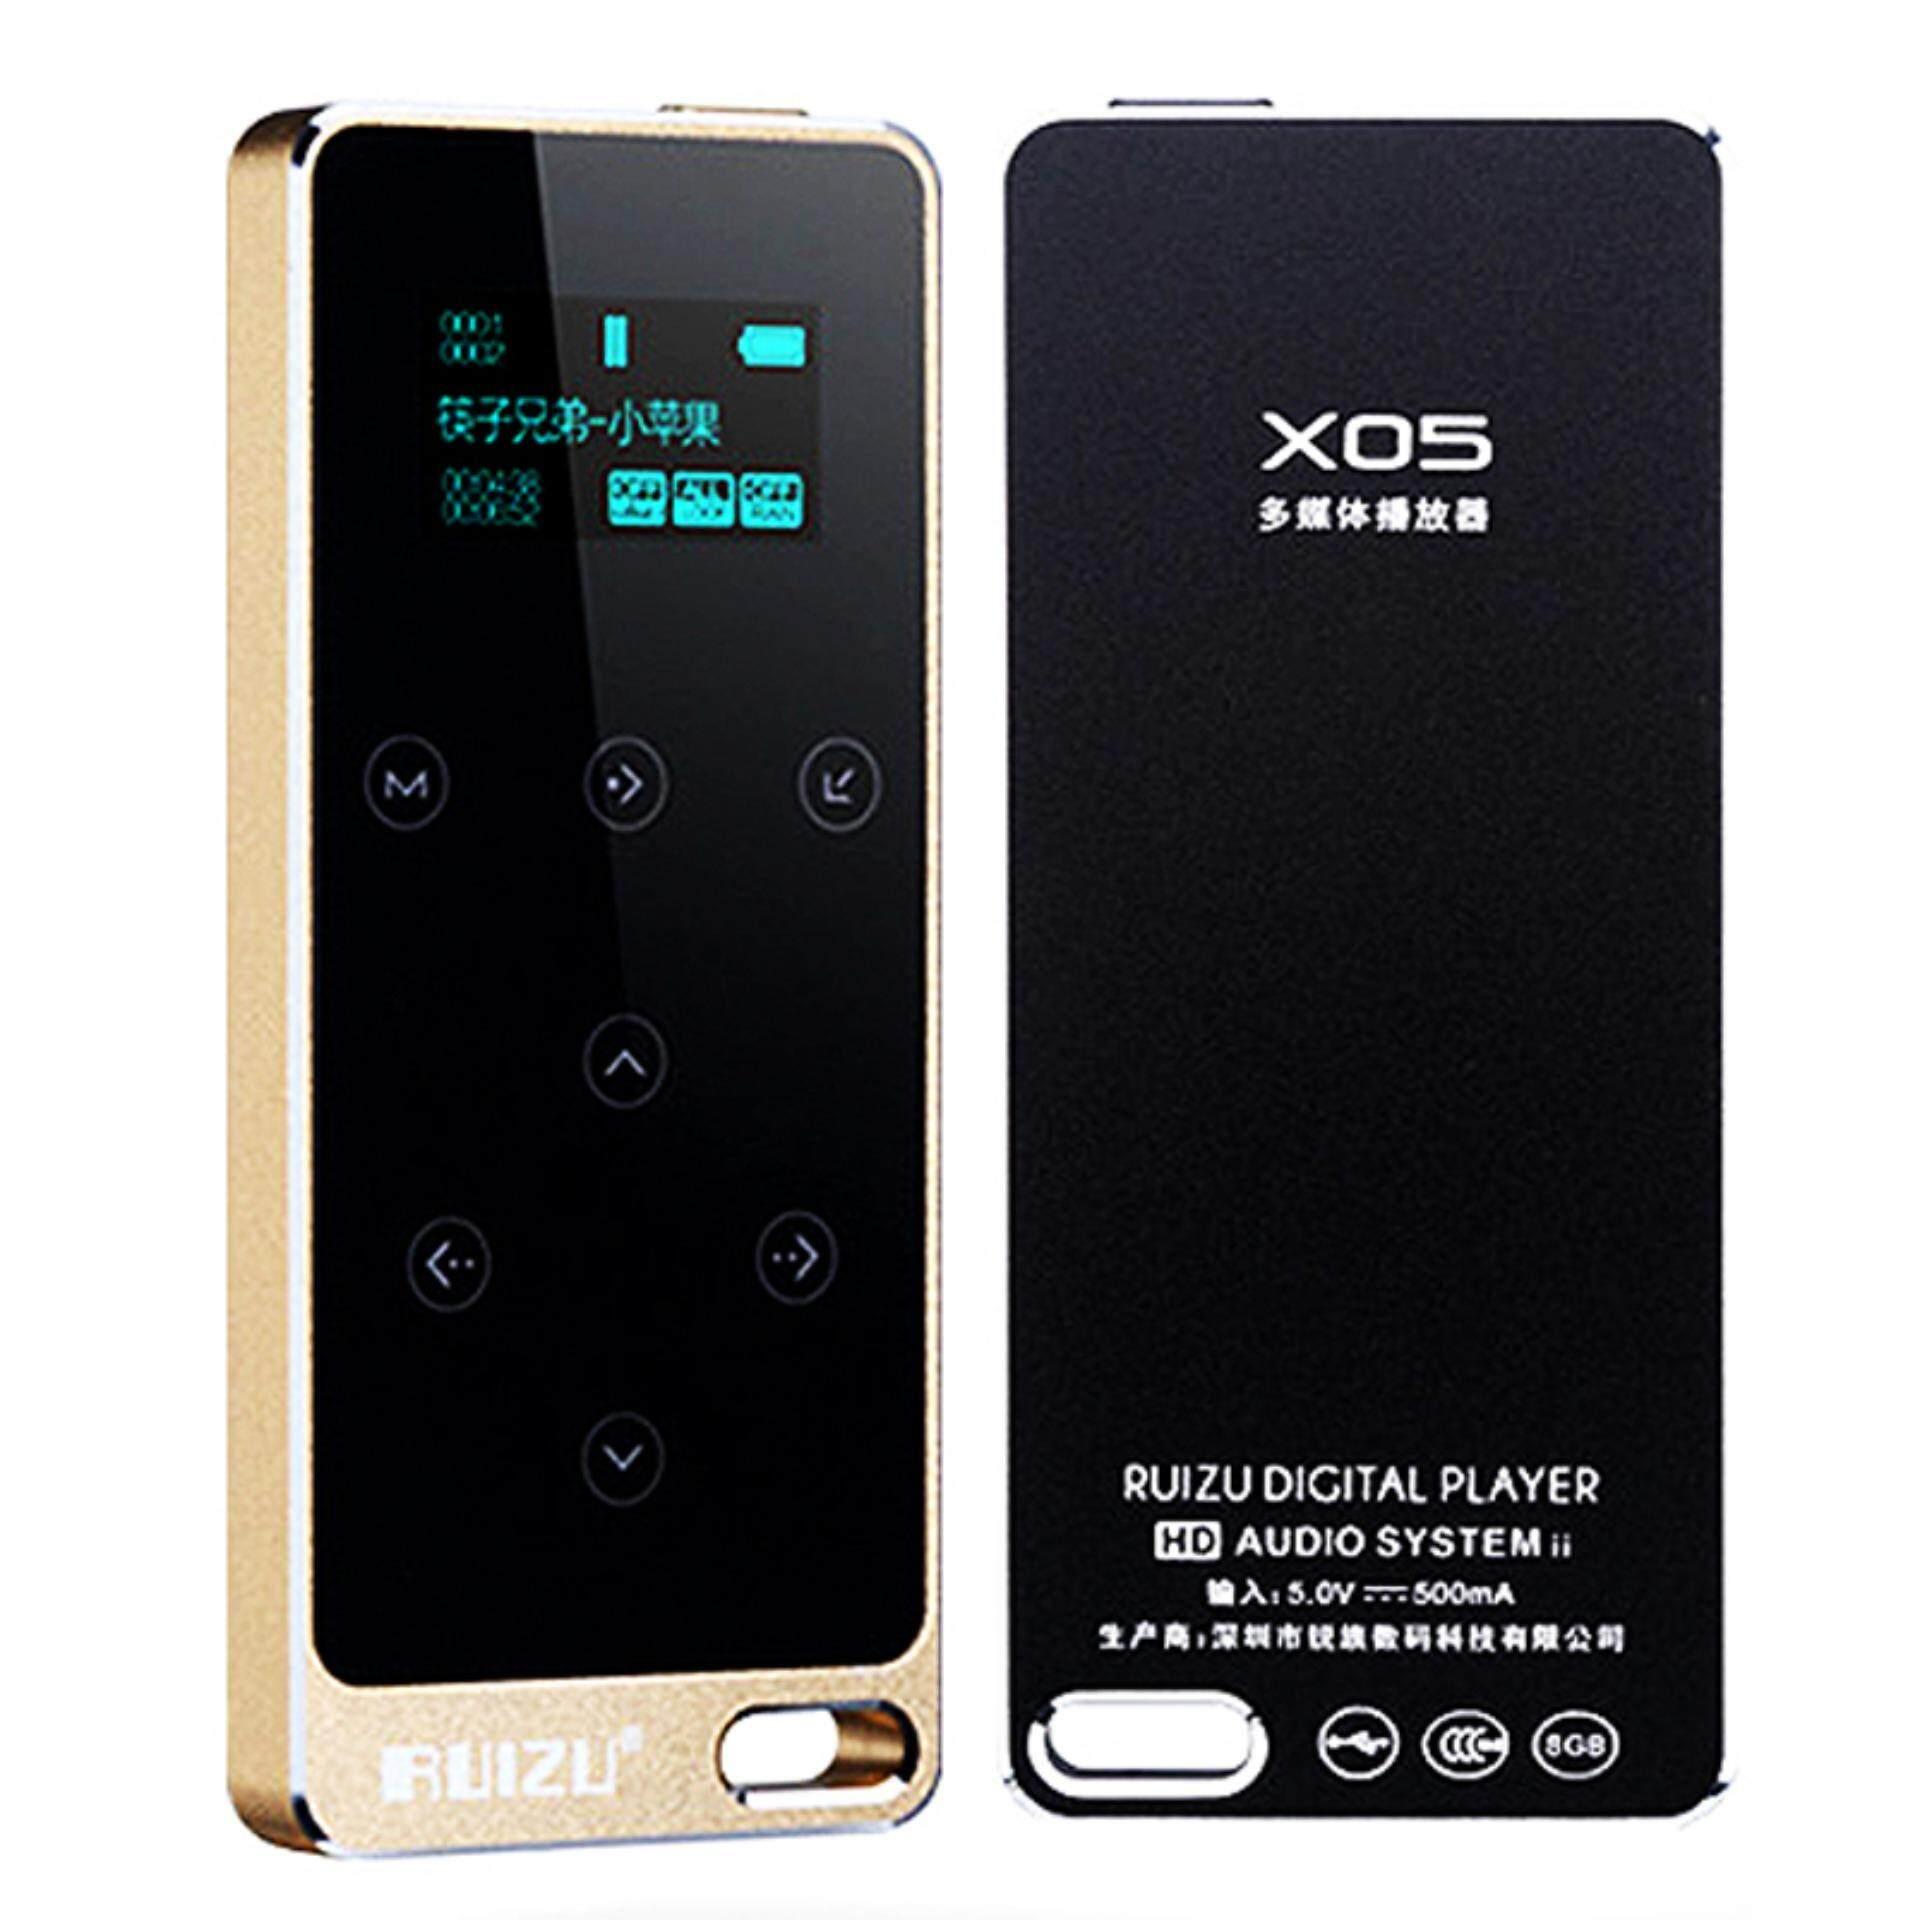 Ban đầu RUIZU X05 HIFI MP3 Người Chơi 8 GB Nút Cảm Ứng Âm Thanh Lossless 1.1 inch Màn Hình Hỗ Trợ FM, sách điện tử Ghi Âm Nhạc